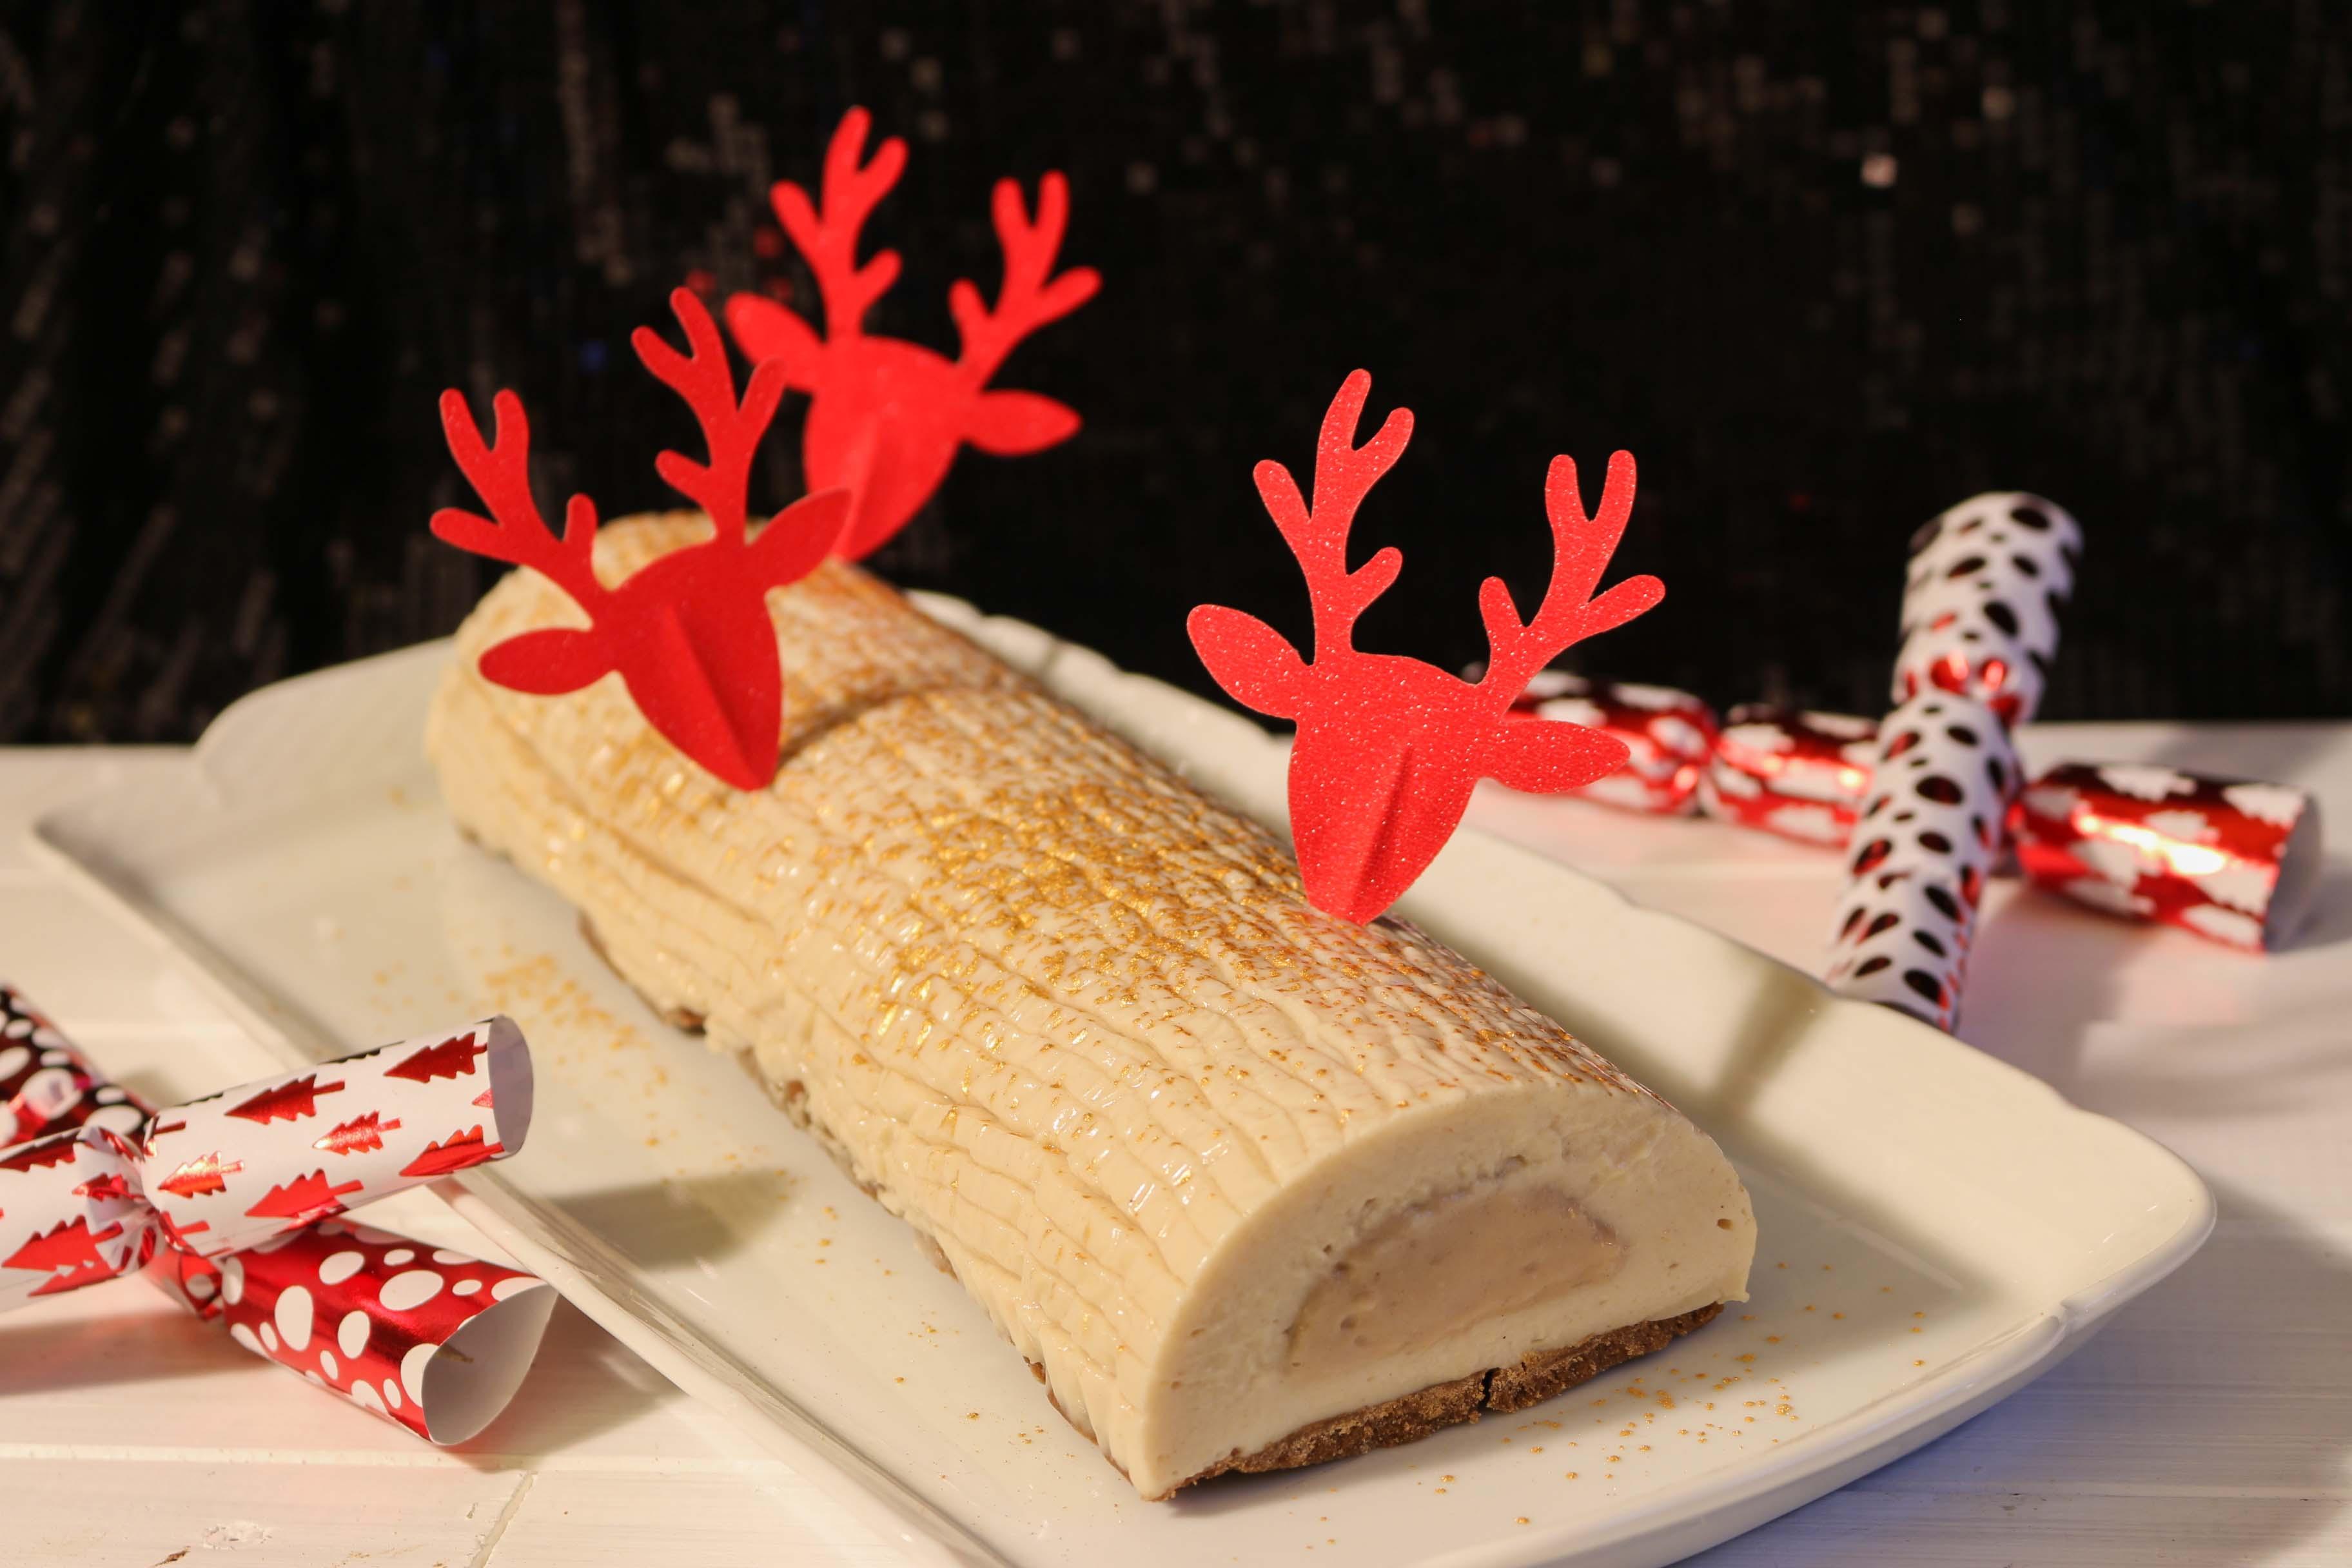 recette bûche de Noël poire et crème de marron (option sans gluten)